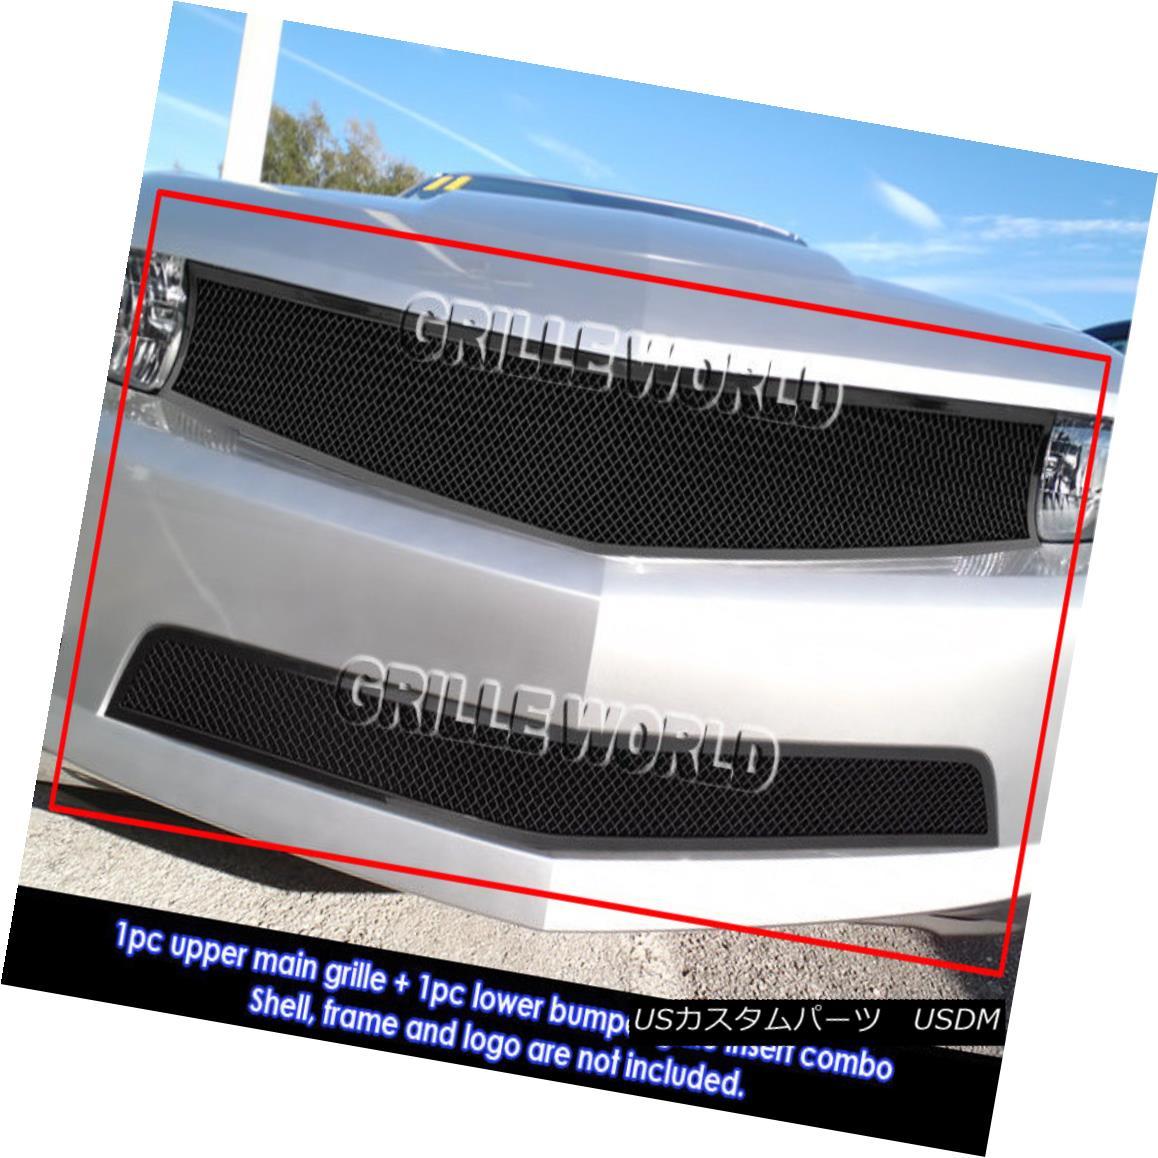 グリル 2010-2013 Chevy Camaro LT/LS V6 Black Stainless Steel Mesh Grille Grill Combo 2010-2013シボレーカマロLT / LS V6ブラックステンレススチールメッシュグリルグリルコンボ